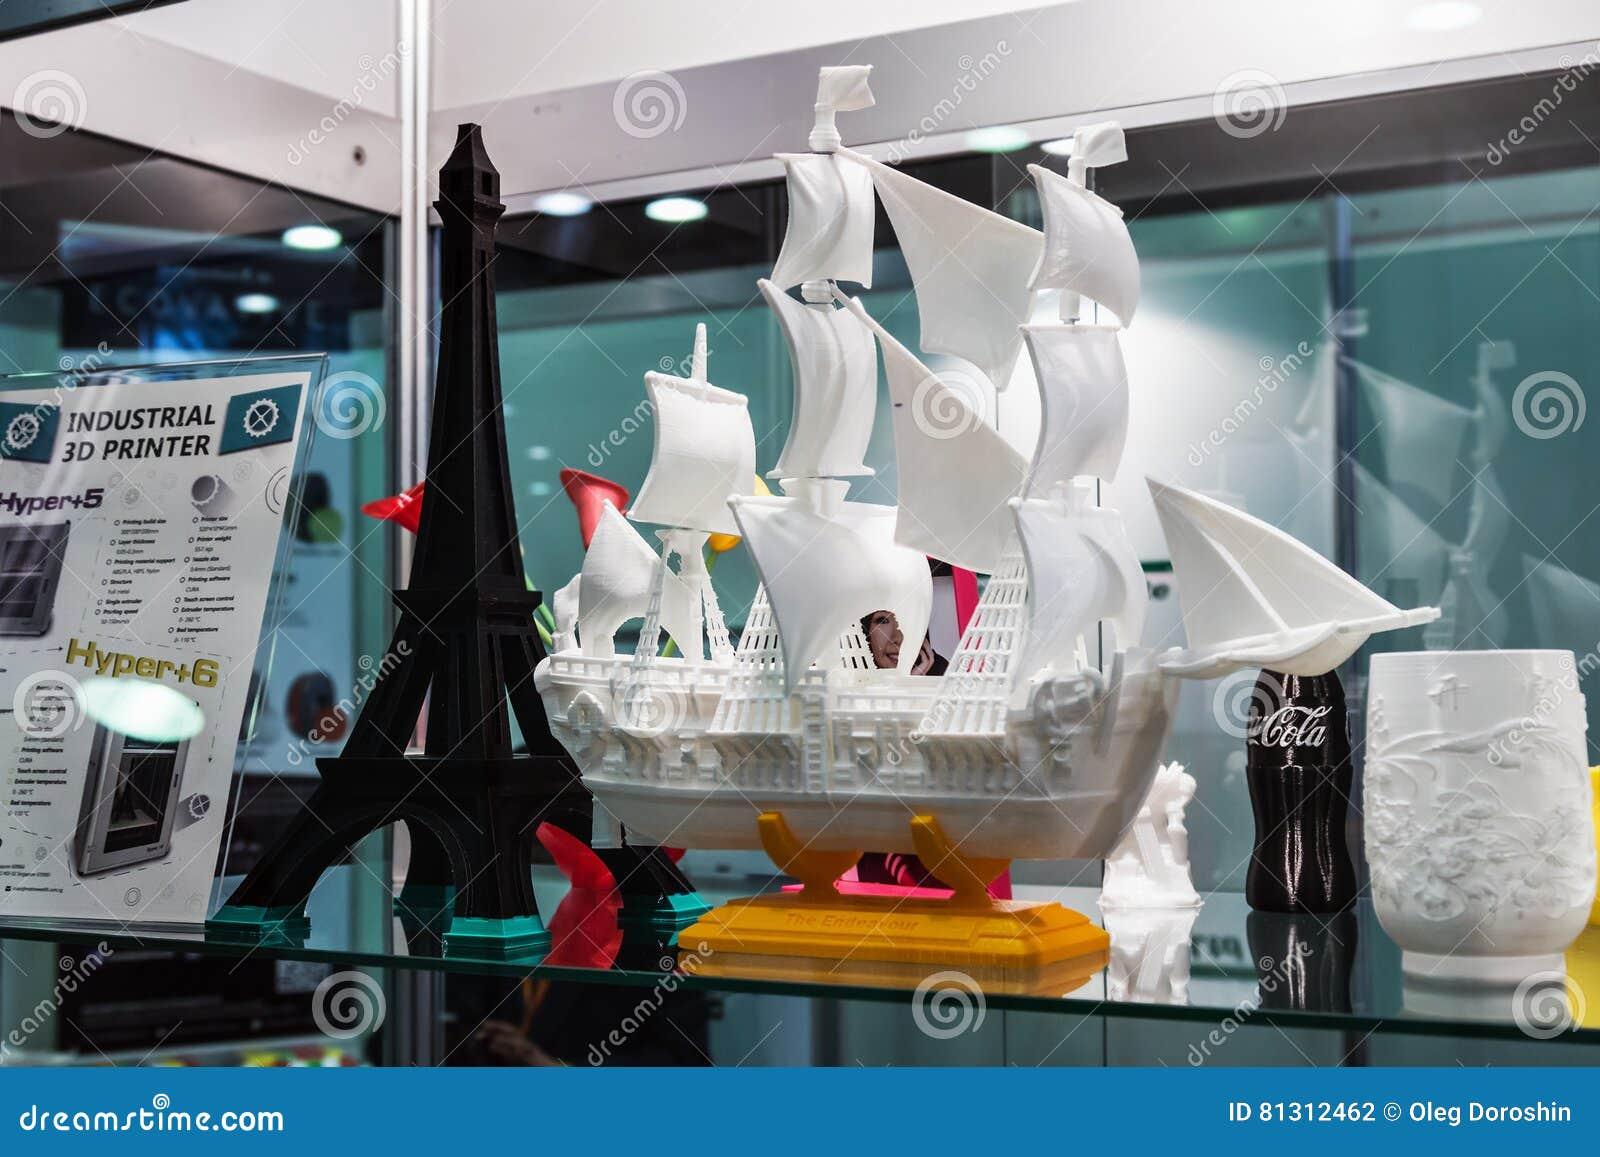 Exibições e objetos na exposição